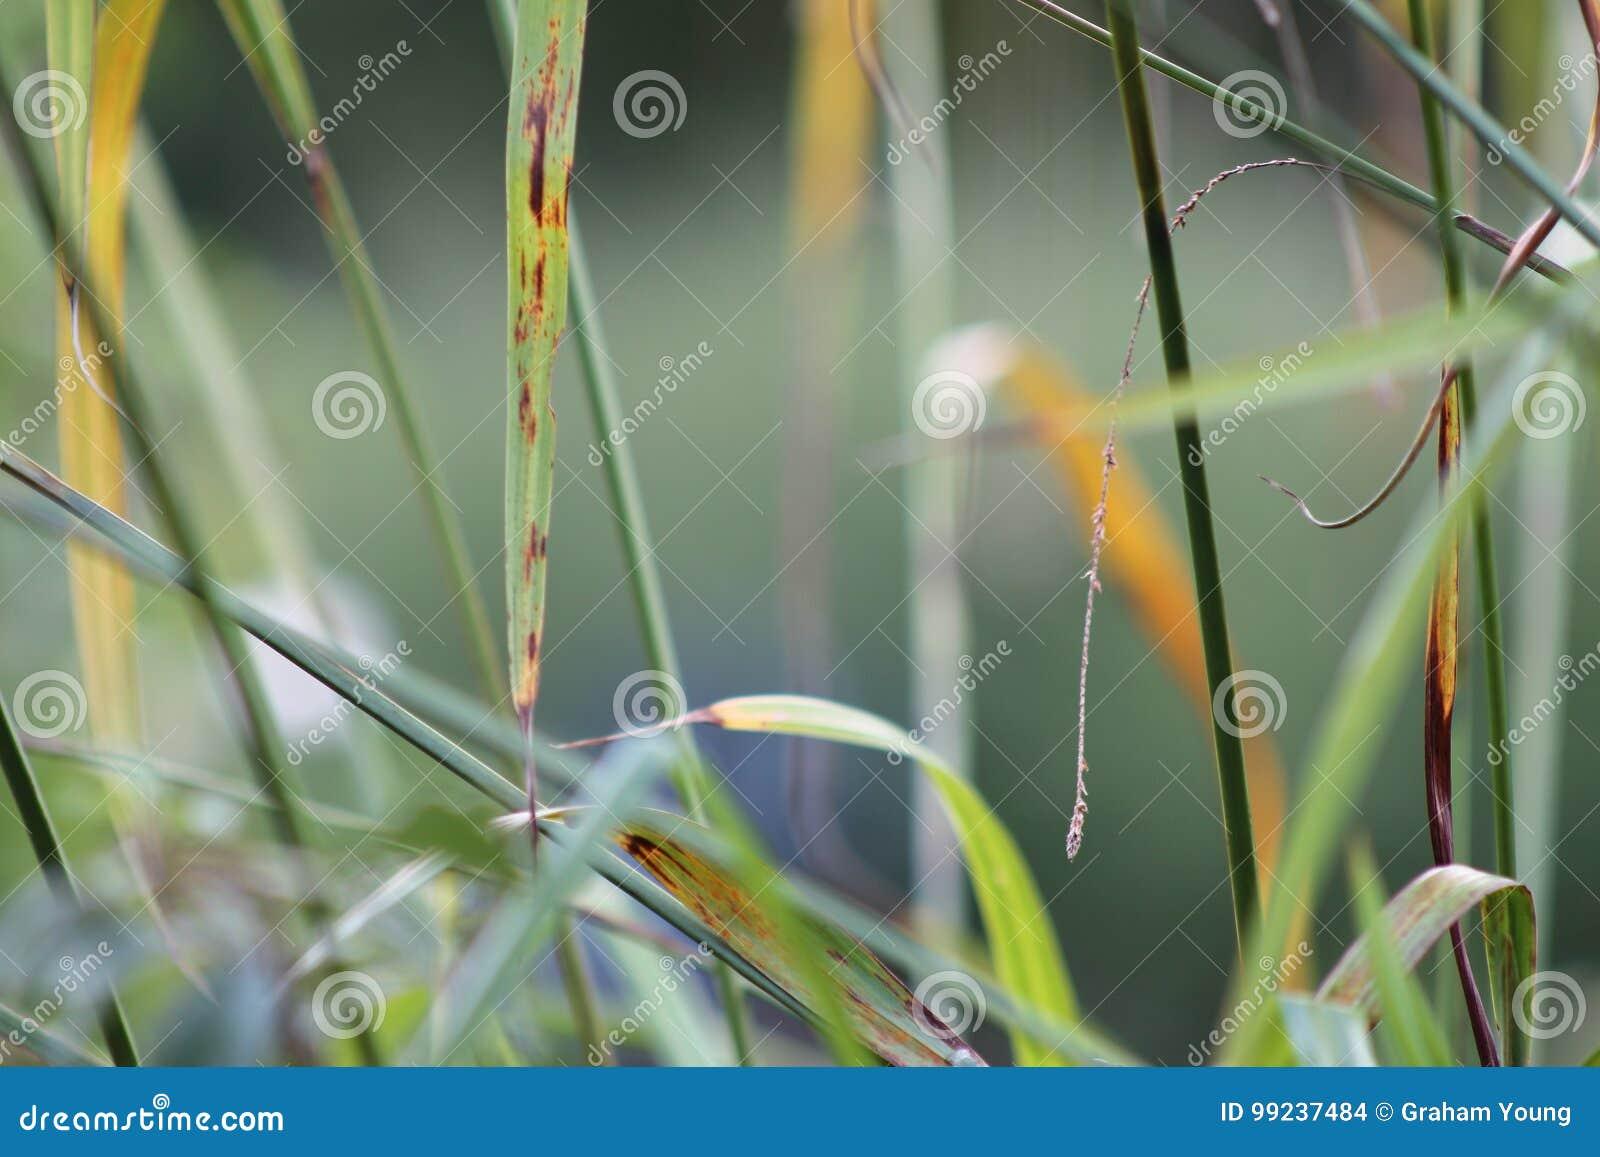 Gräser im englischen Garten, Nahaufnahme, mit Lavendel und kleinen flowes 7